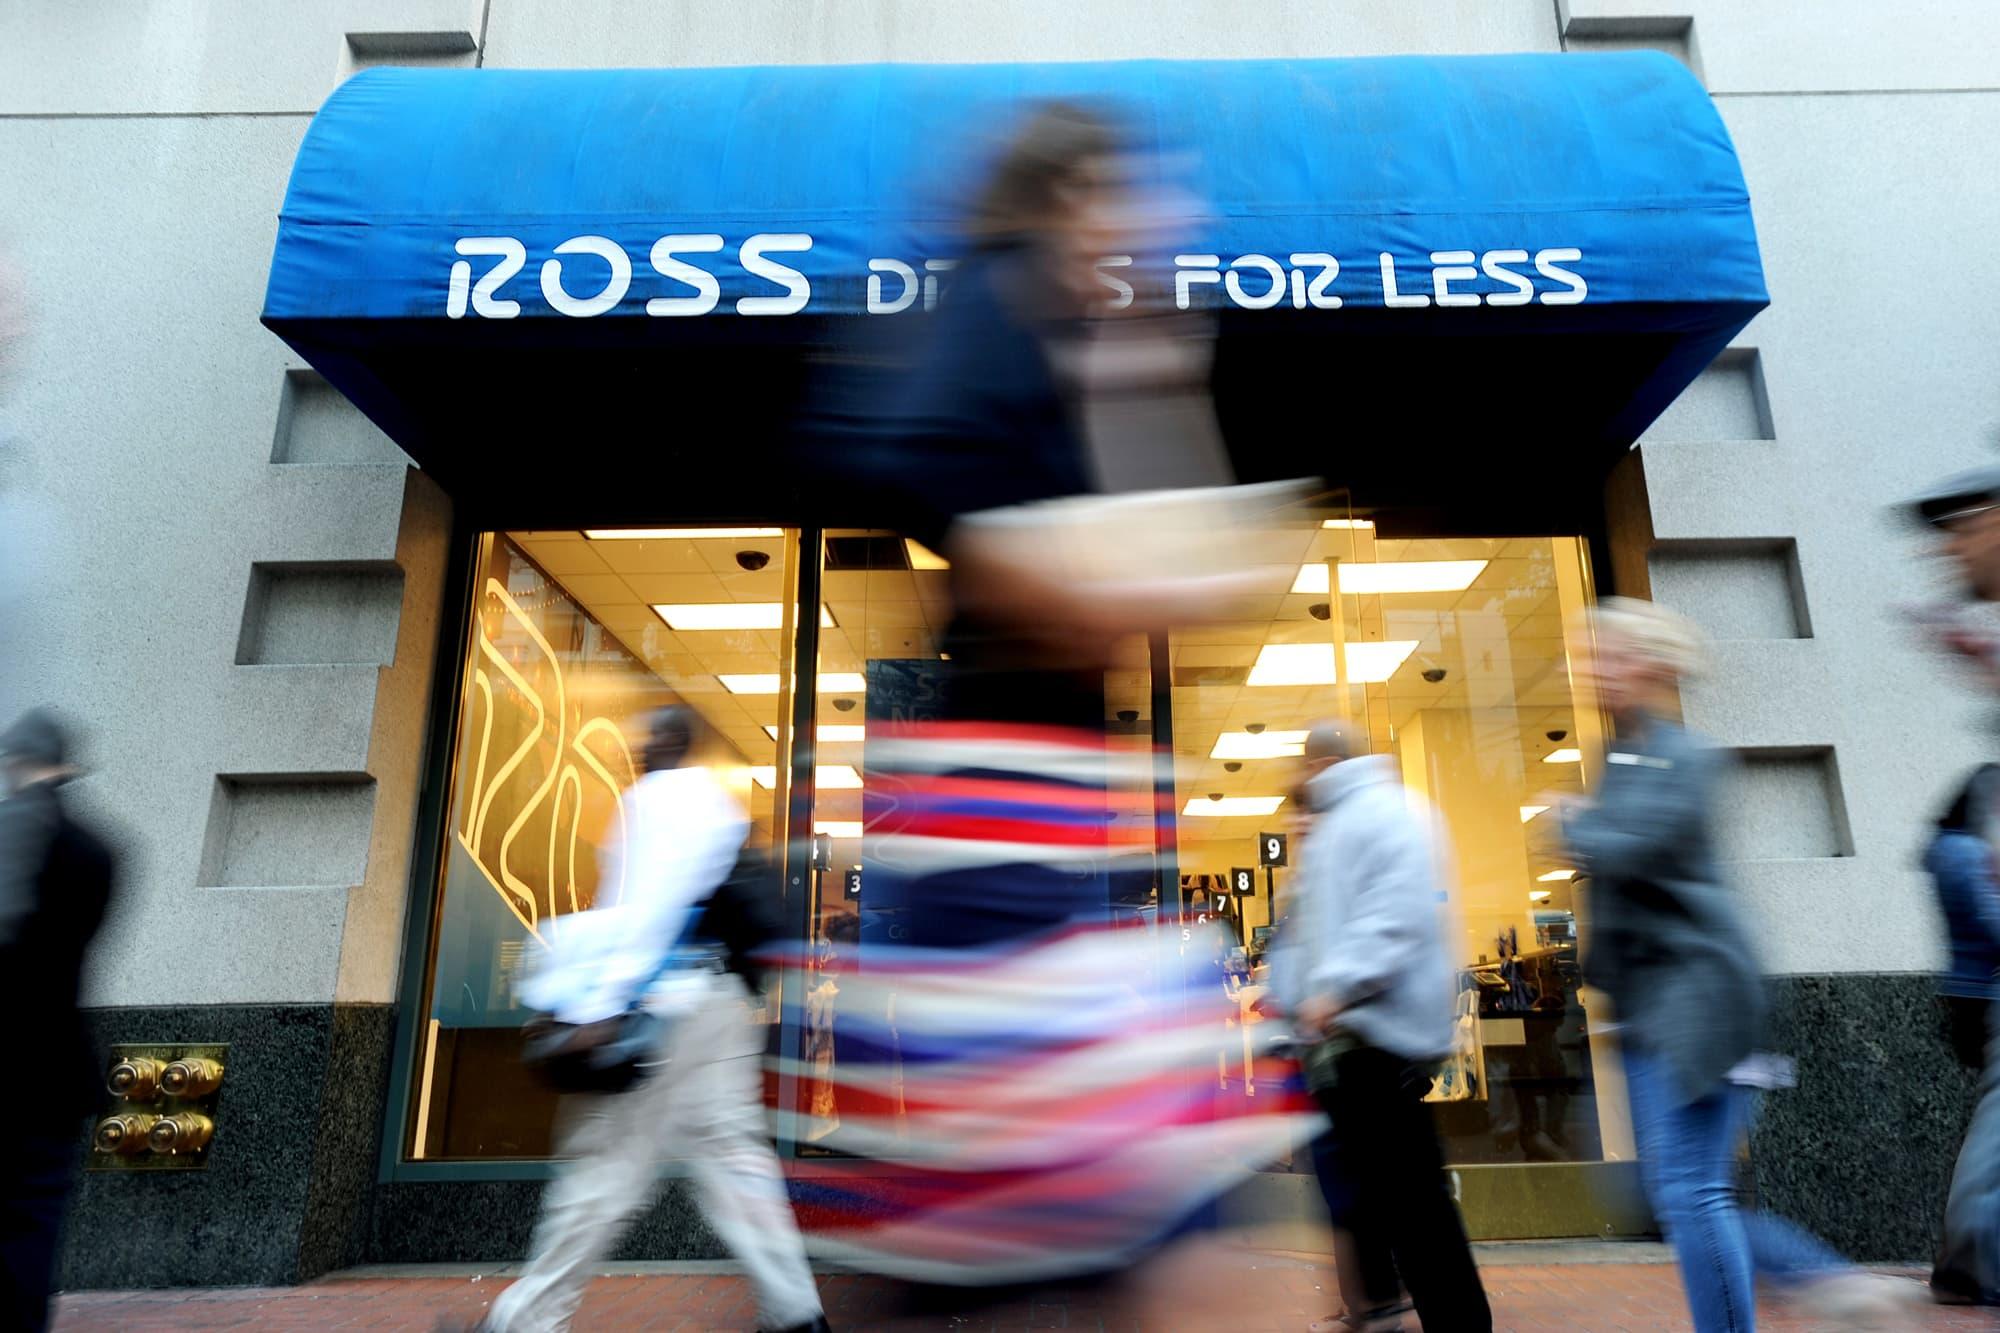 Acciones que hacen los movimientos más importantes fuera del horario de atención: Ross, Home Depot, Carnival y más